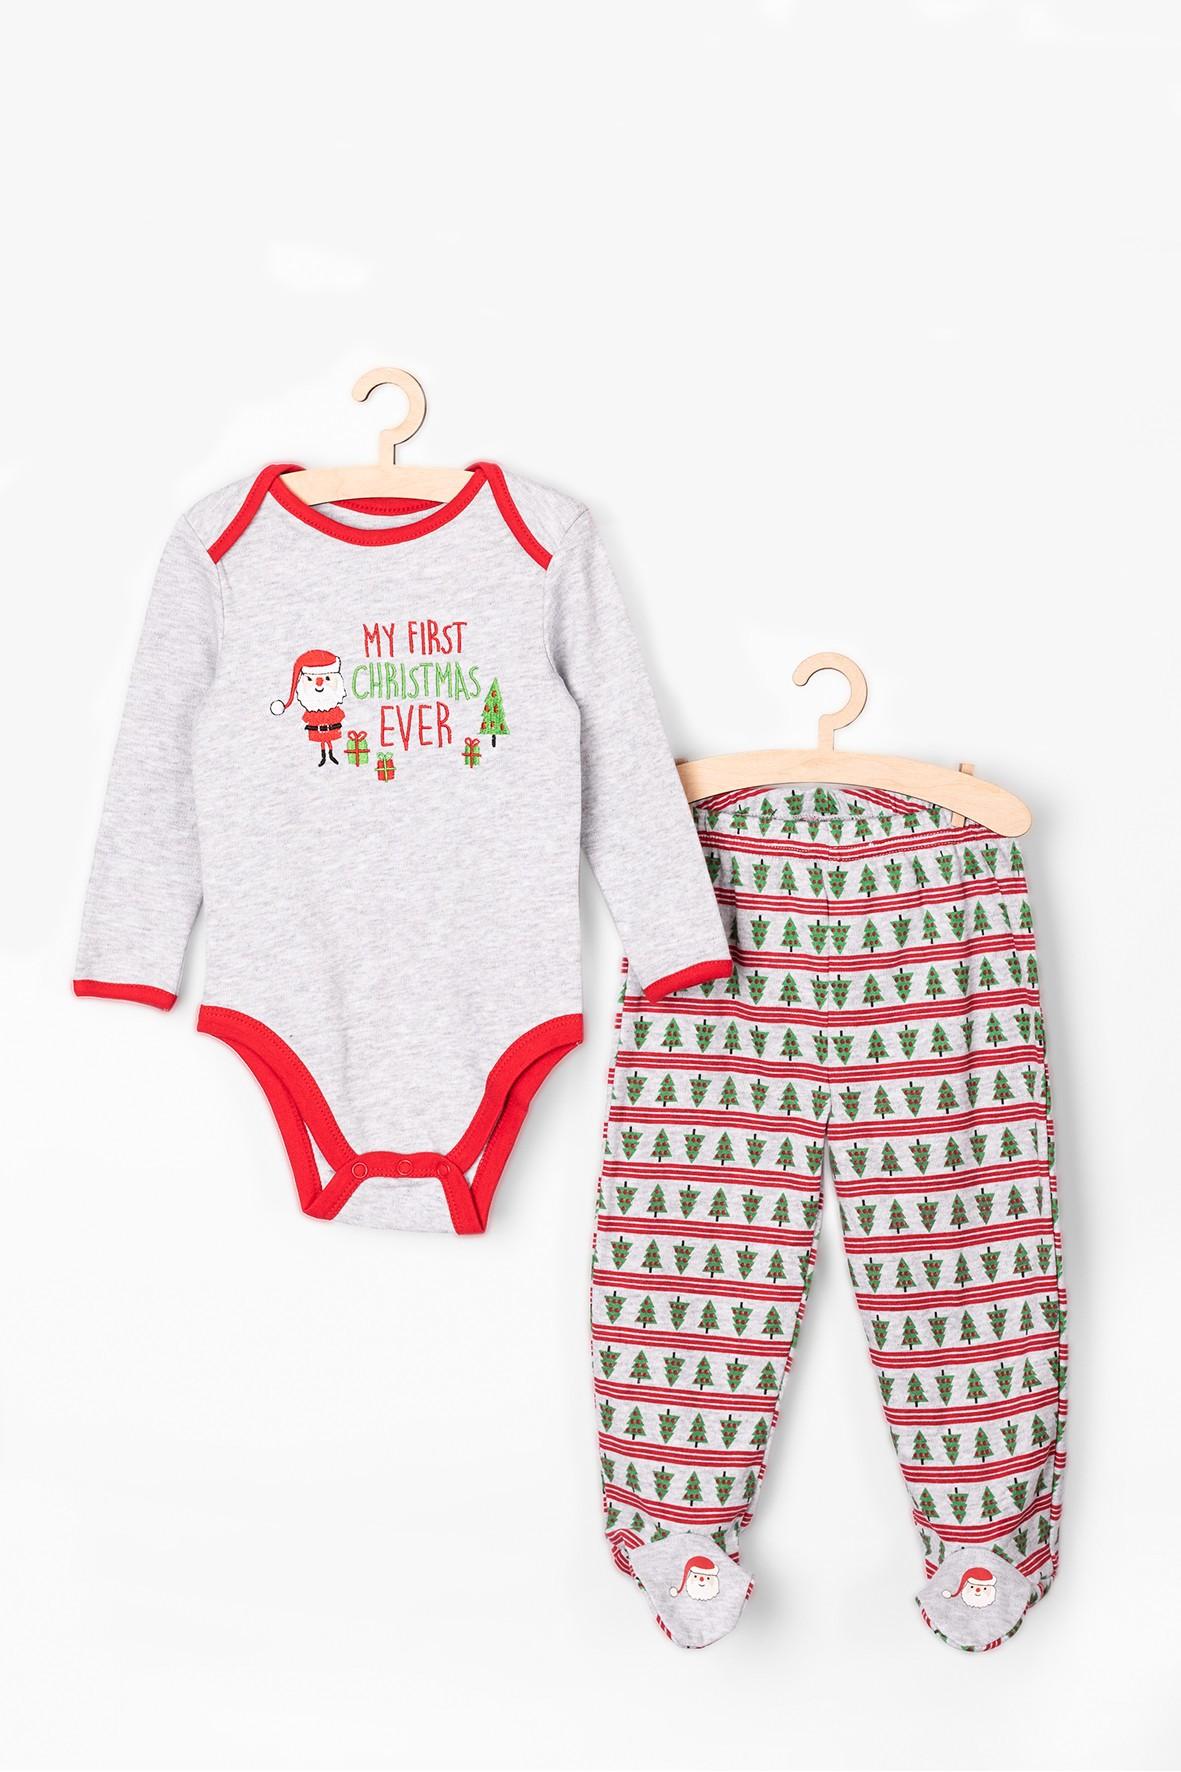 Komplet ubrań świątecznych dla niemowlaka